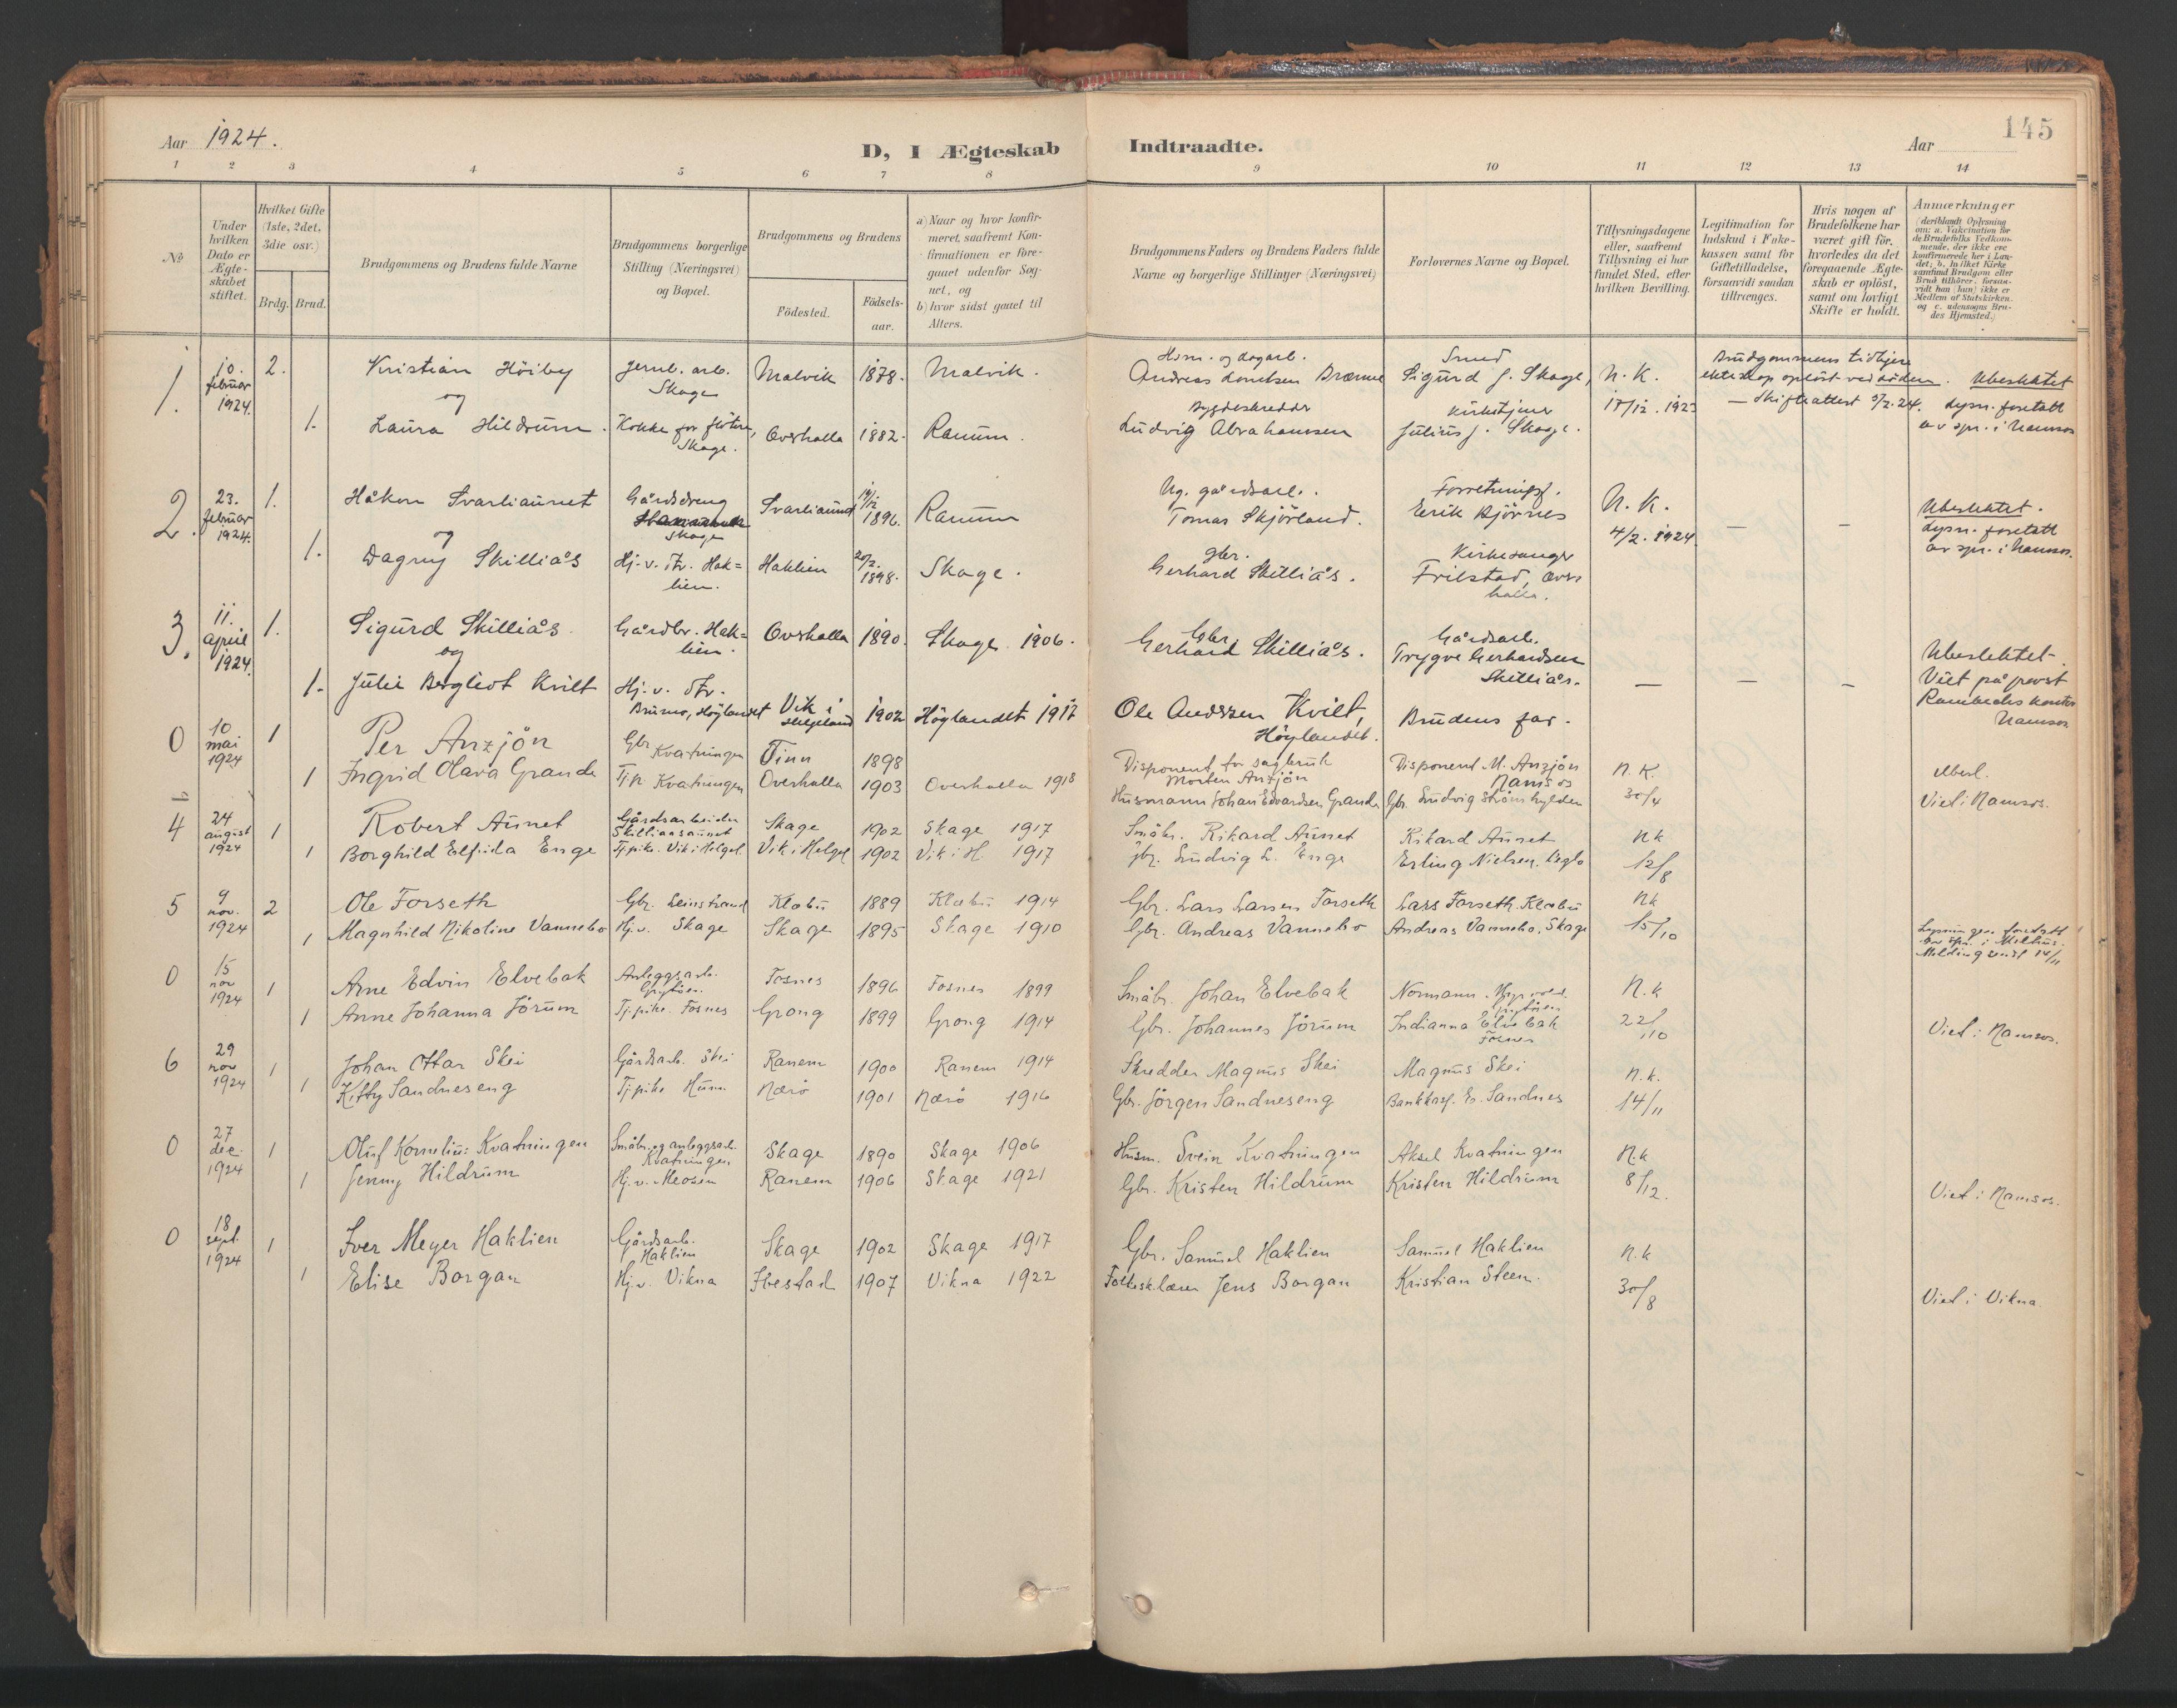 SAT, Ministerialprotokoller, klokkerbøker og fødselsregistre - Nord-Trøndelag, 766/L0564: Ministerialbok nr. 767A02, 1900-1932, s. 145